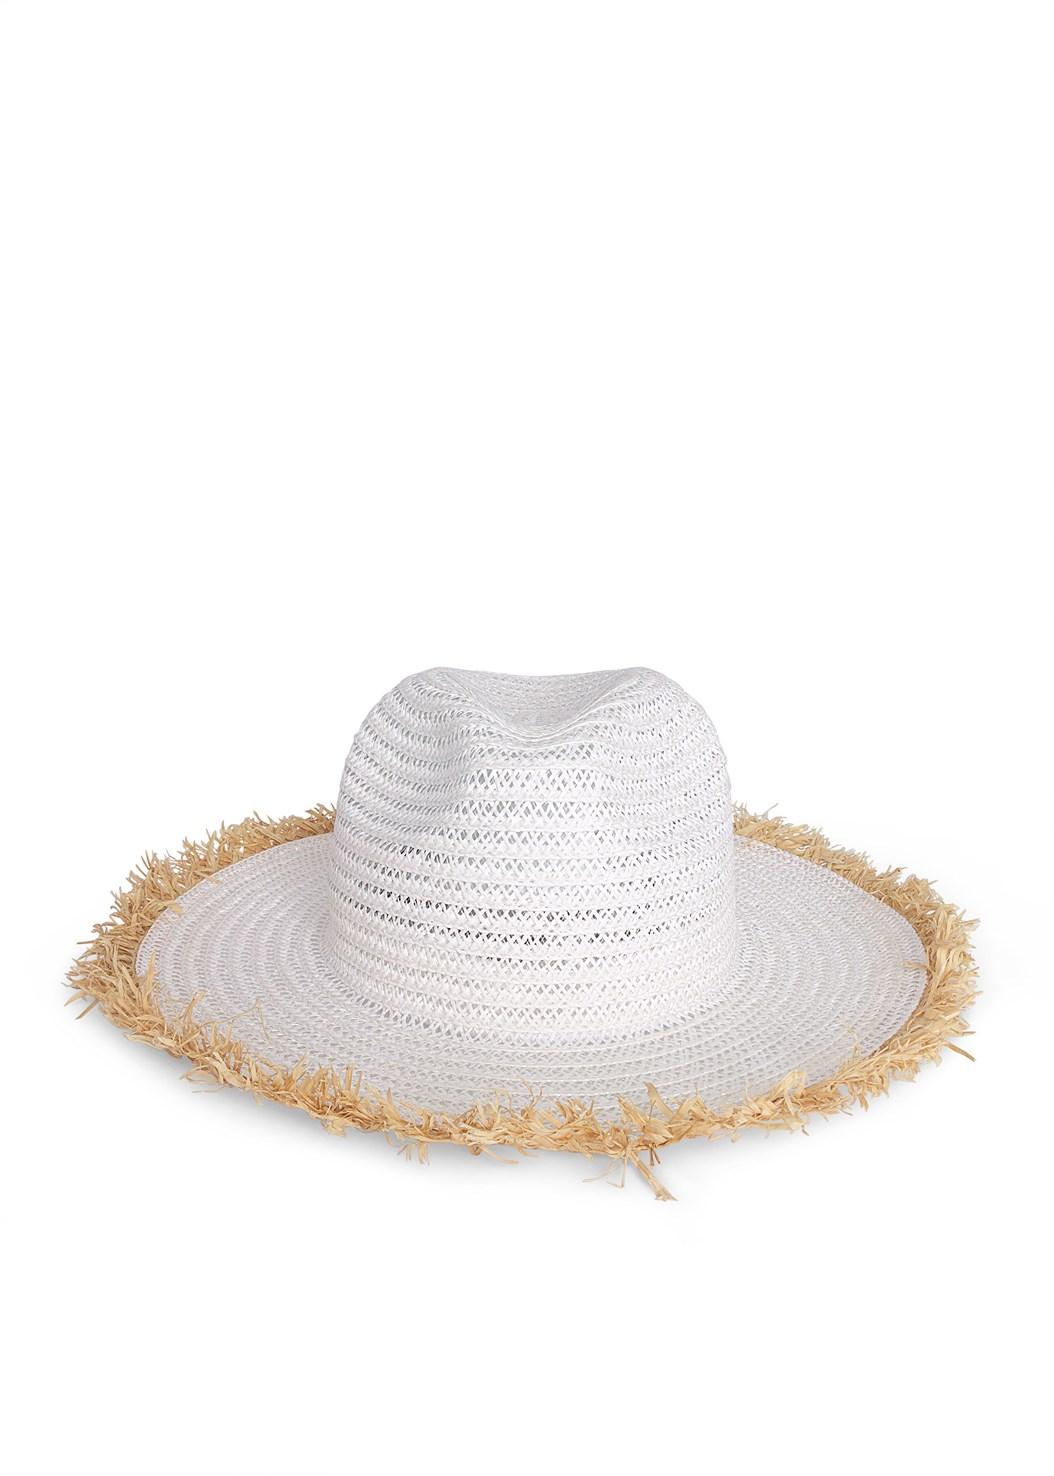 Color Block Straw Hat,Easy Halter Top